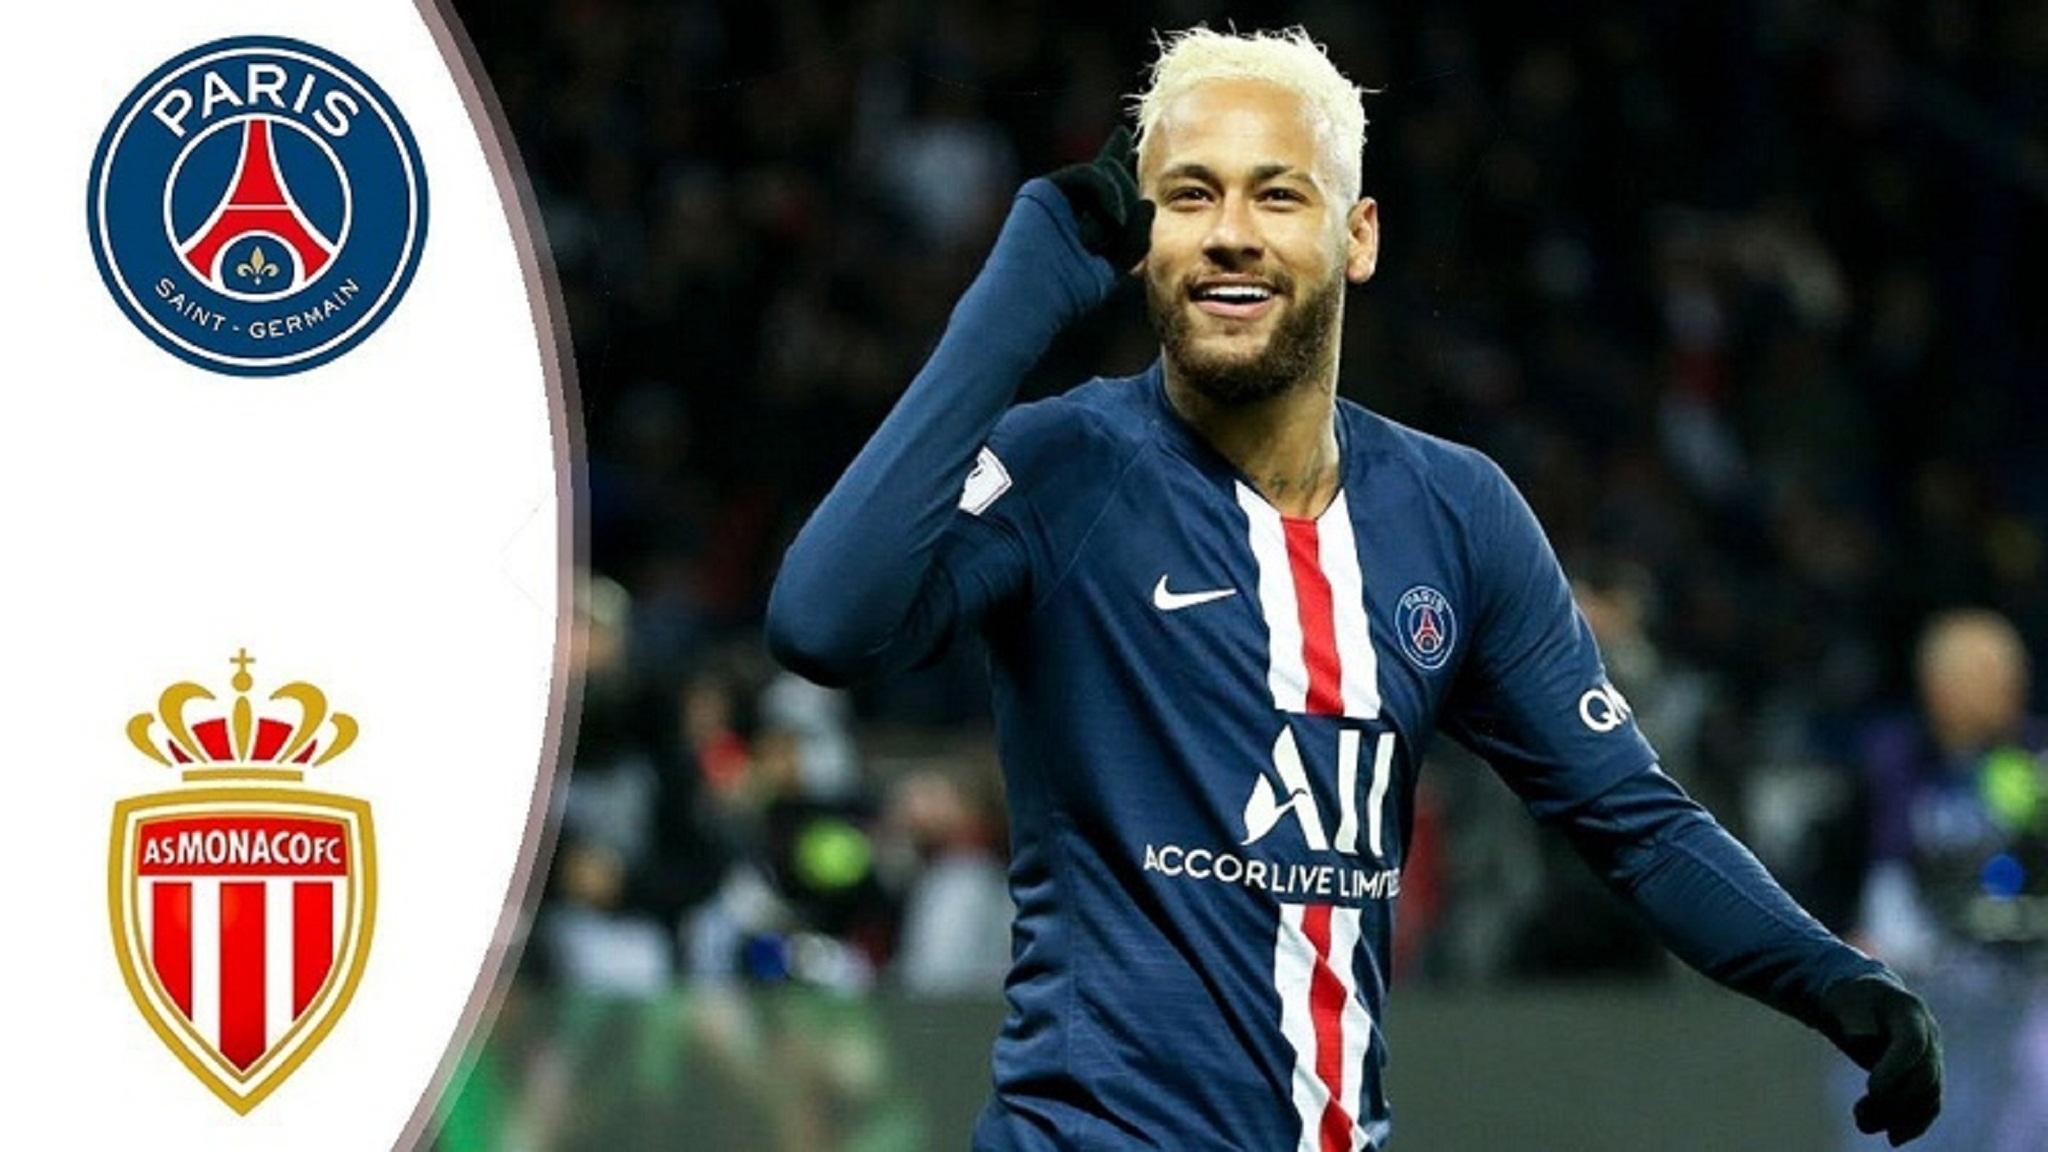 PSG vs Monaco - All Goals & Extended Highlights 2020